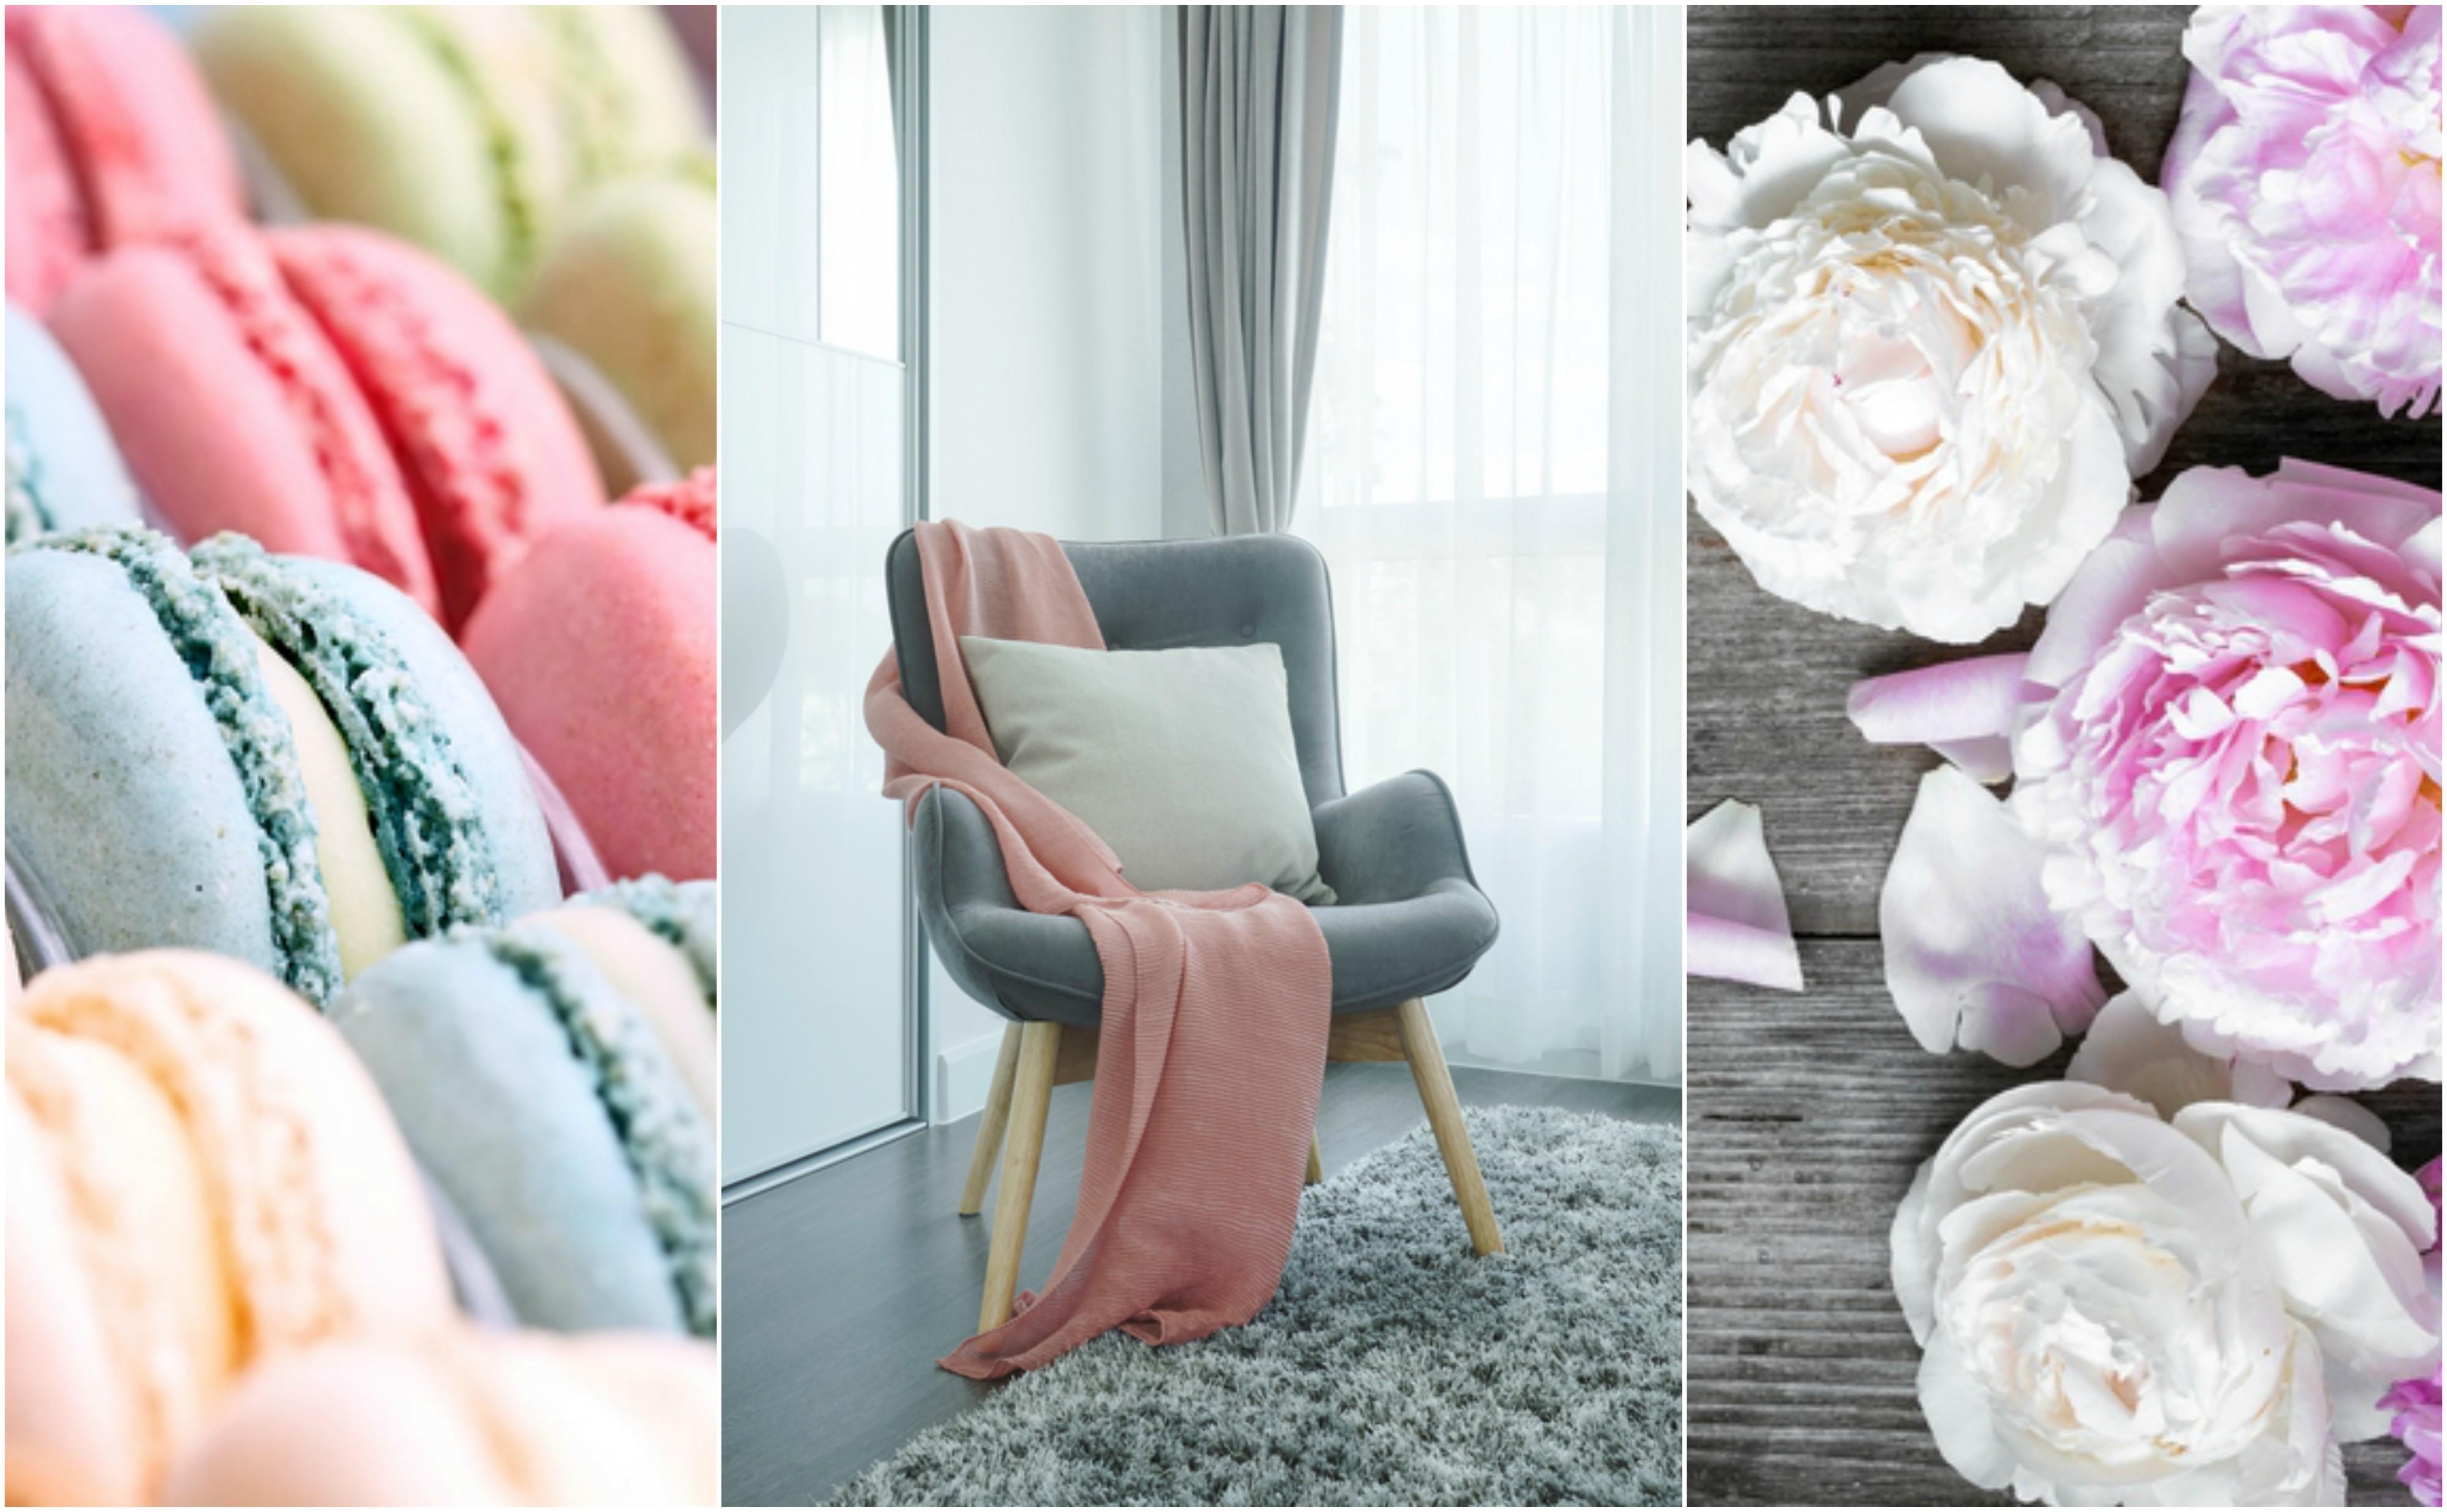 Immagini Camere Da Letto Romantiche : Colori pastello per la camera da letto romantica e moderna tgcom